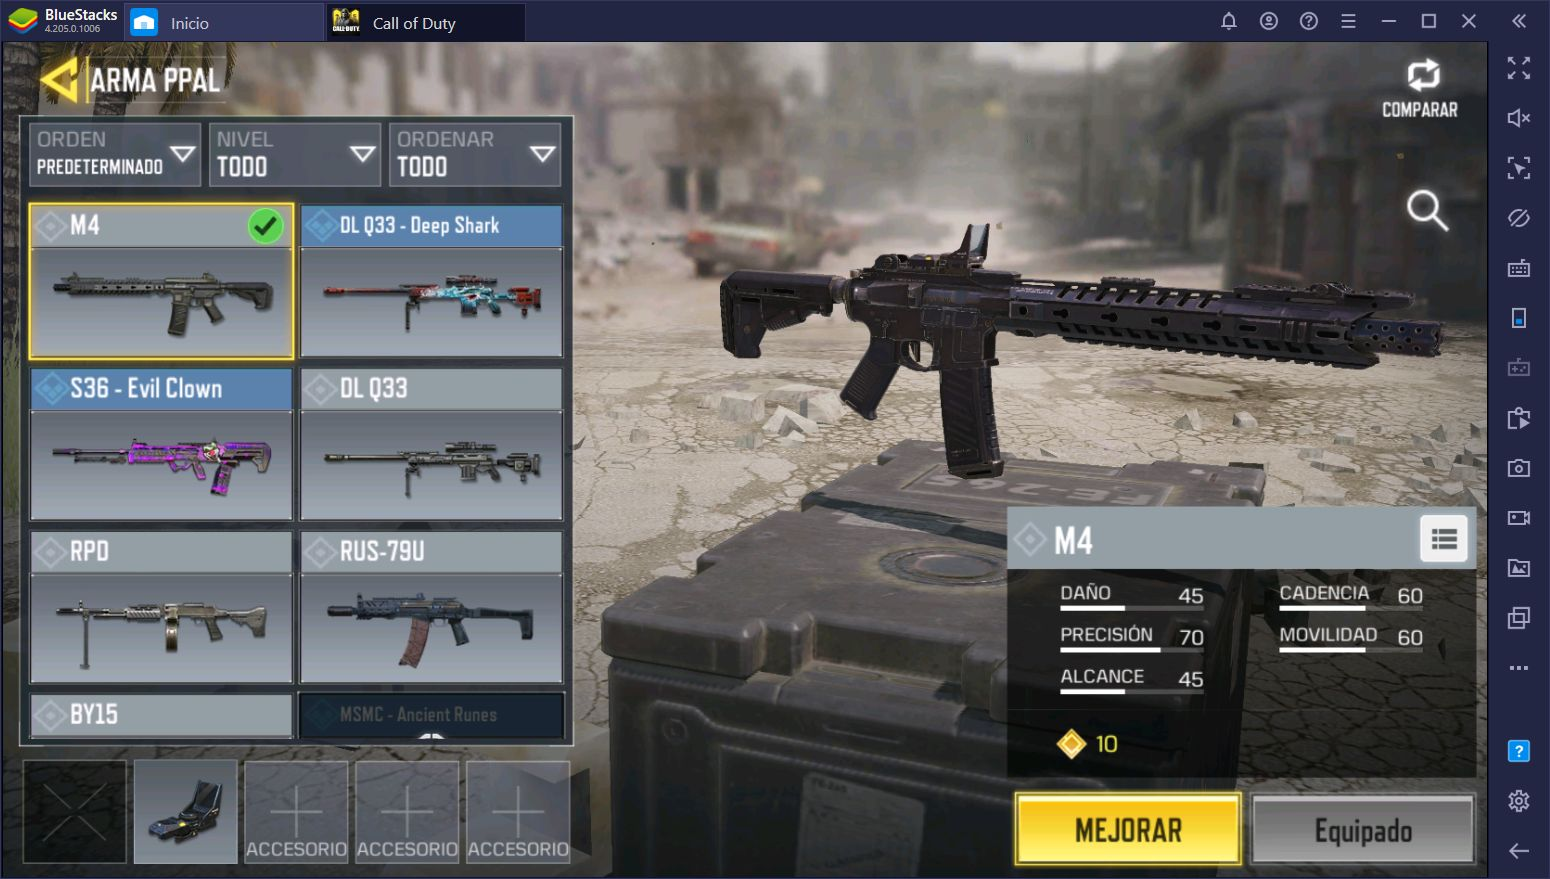 Call of Duty: Mobile en PC con BlueStacks - Compilación de las Mejores Guías Para Mejorar tu Experiencia de Juego